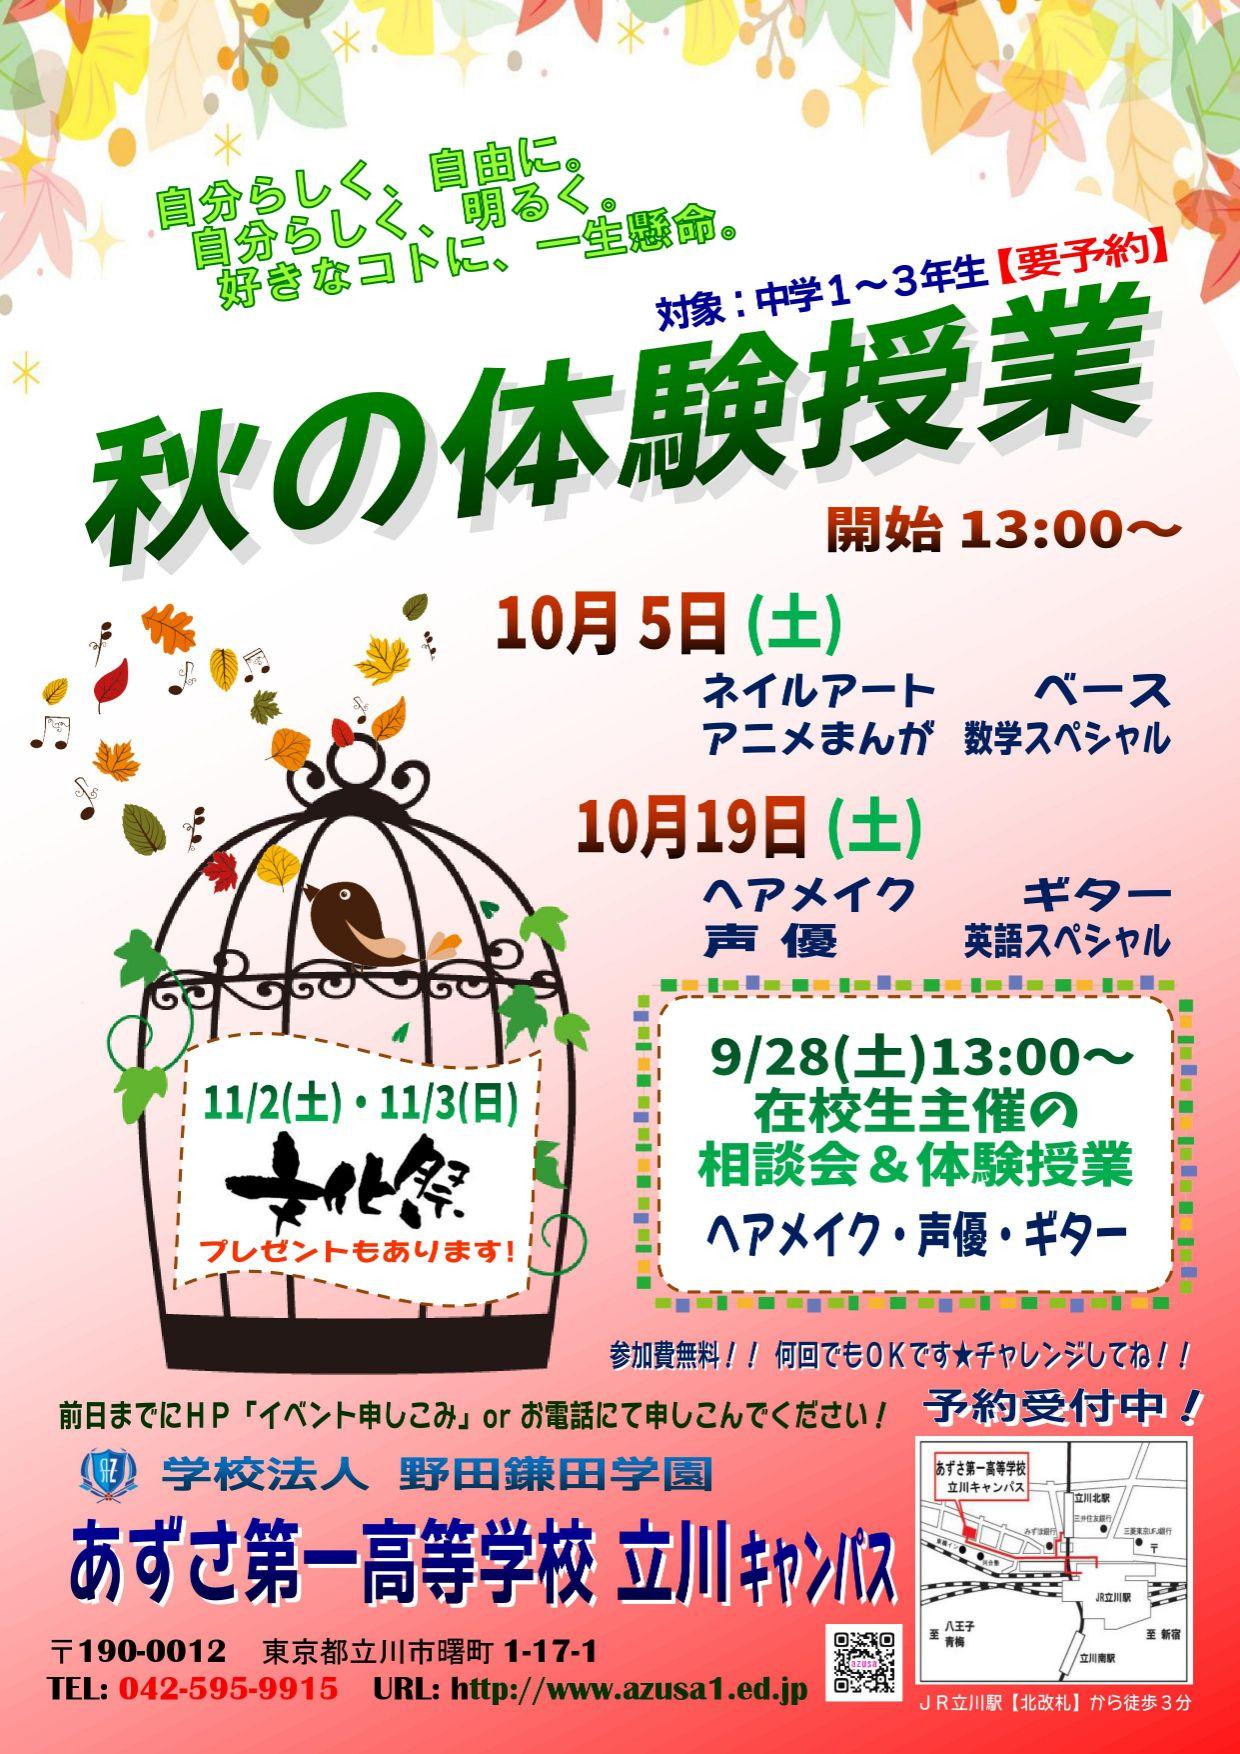 立川キャンパス 秋の体験授業 image1